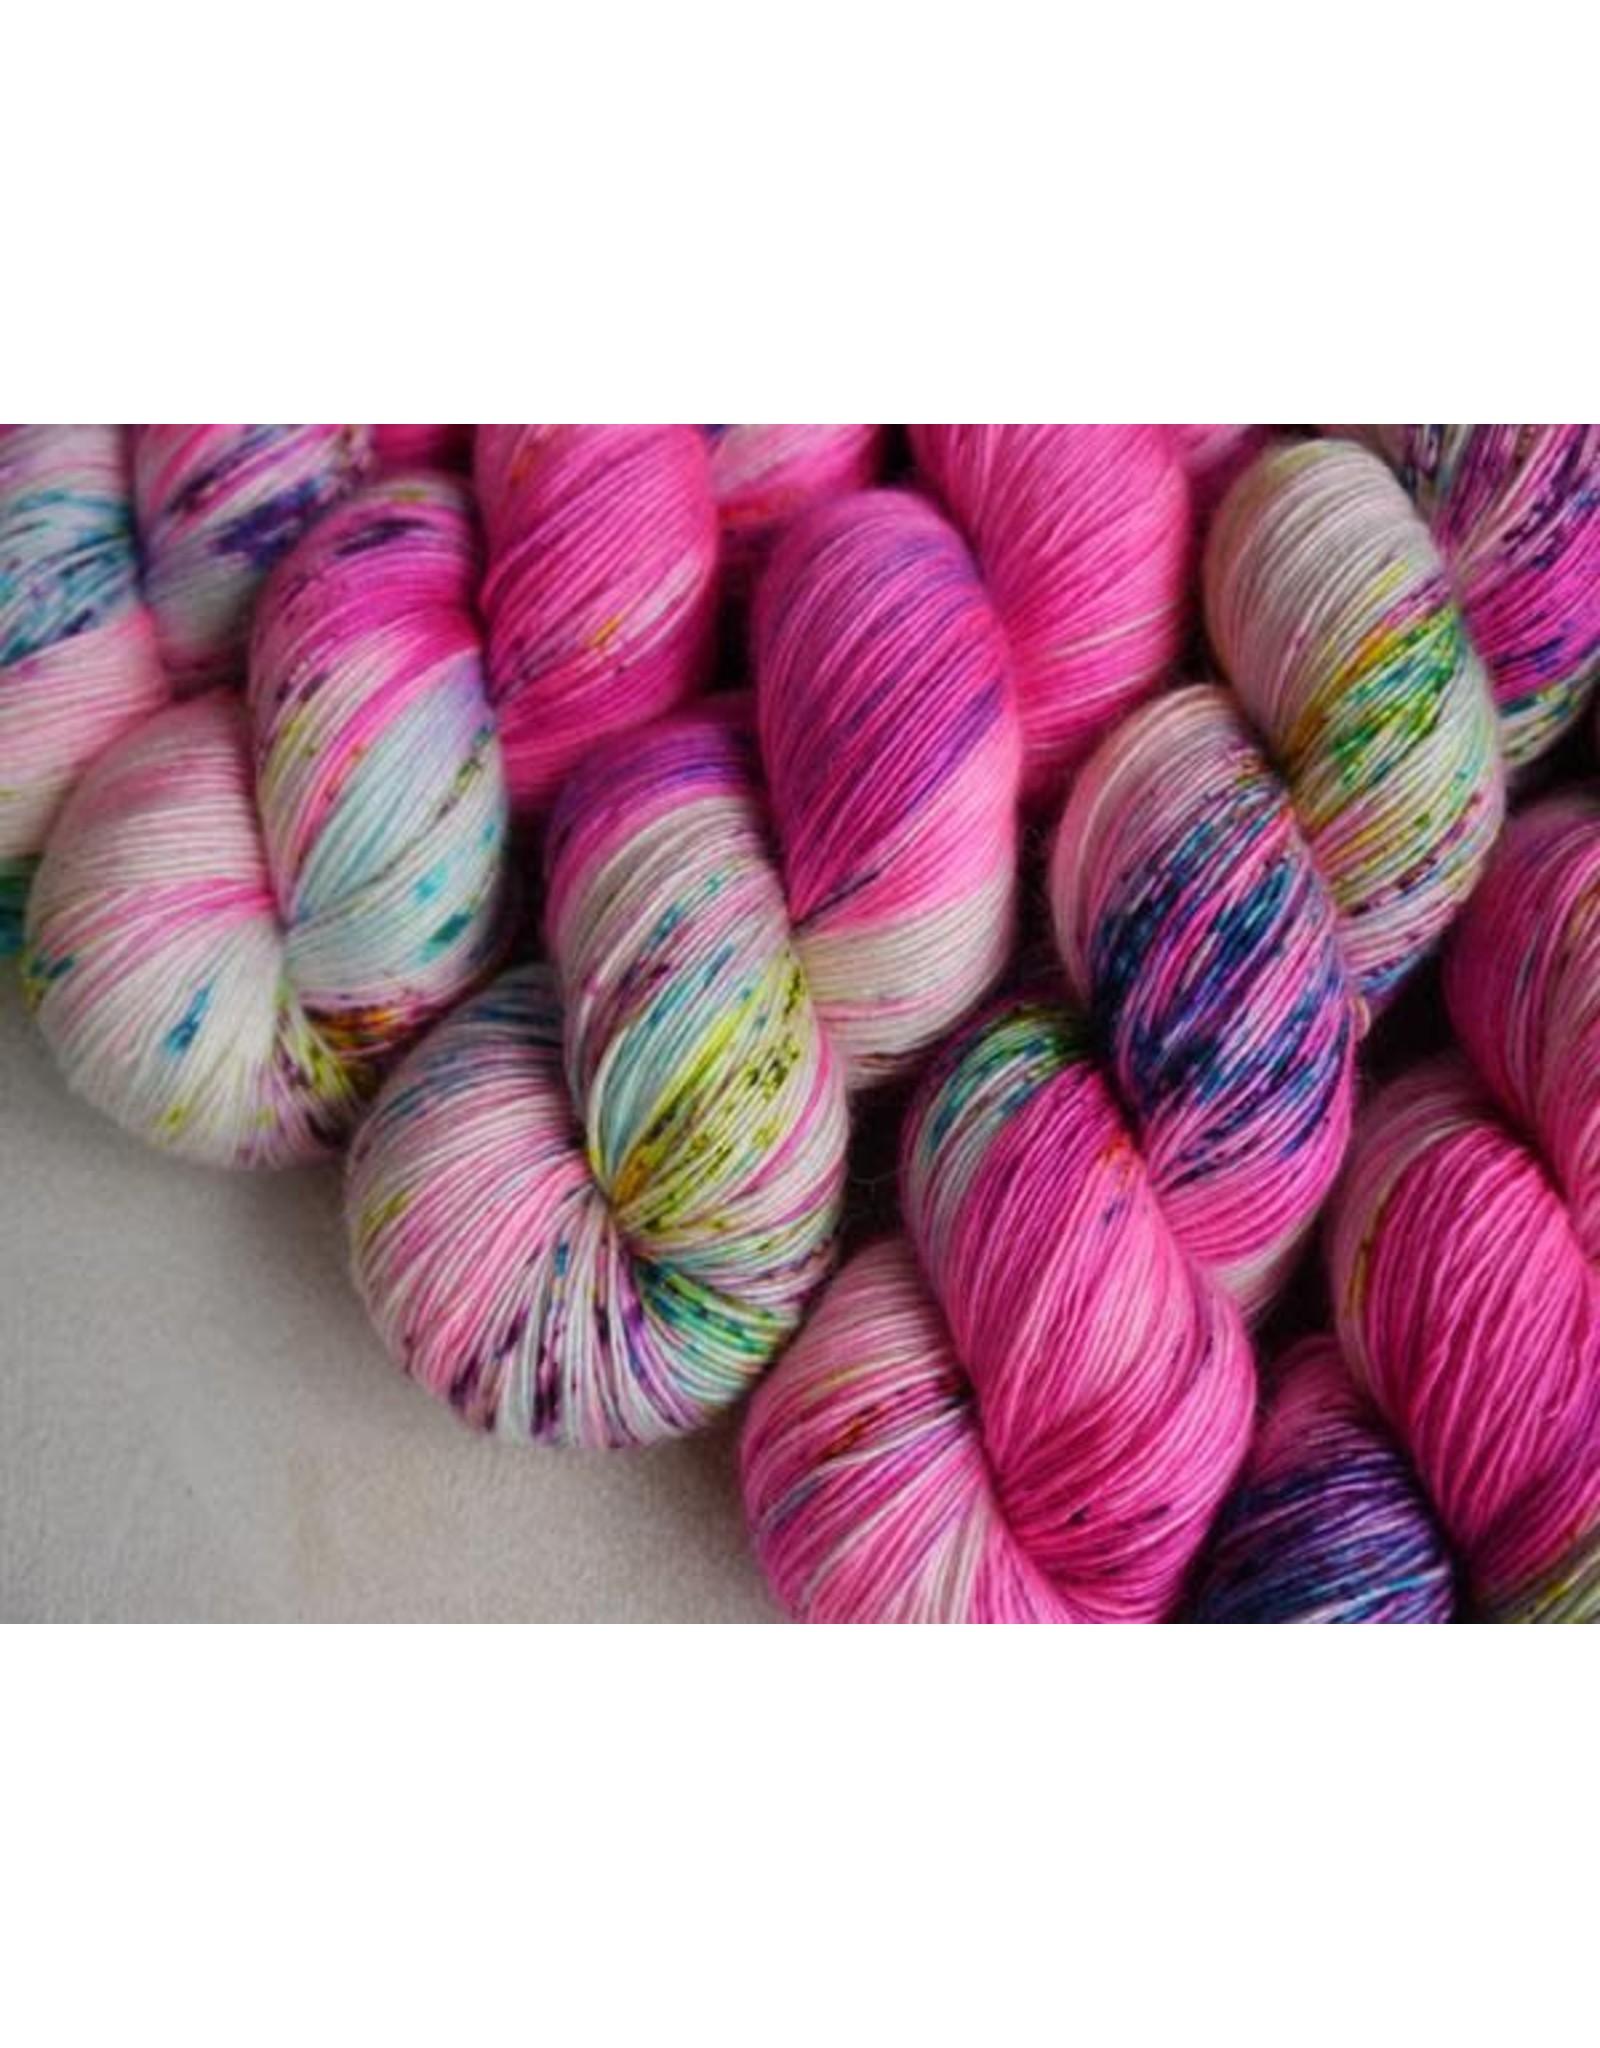 Qing Fibre Flamingo - Silky Merino Singles - Qing Fibre